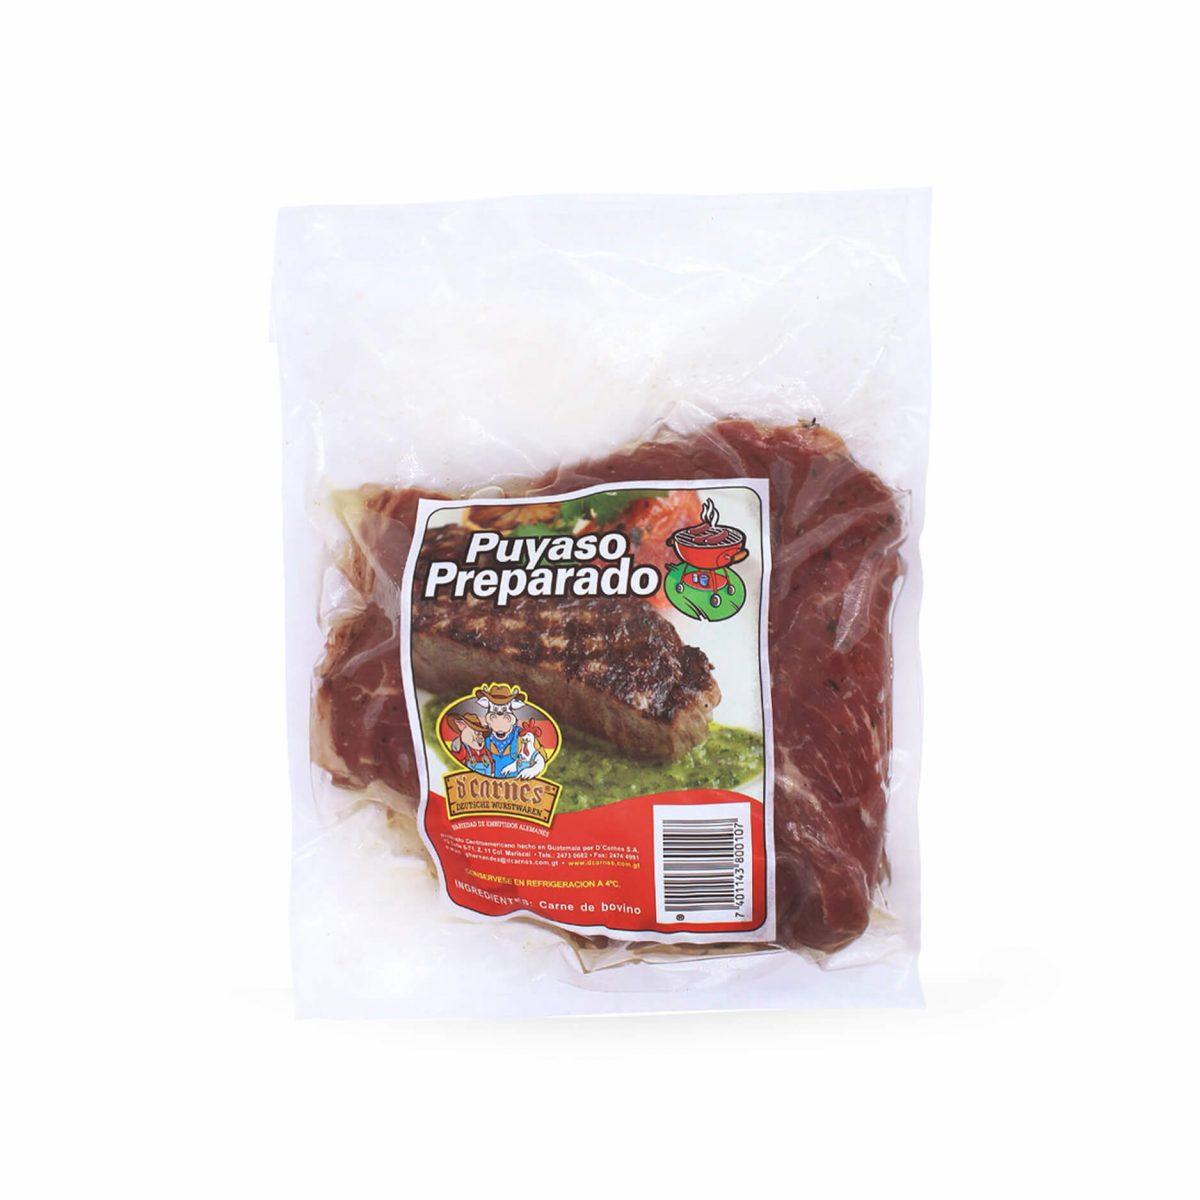 puyaso_carne_kemik